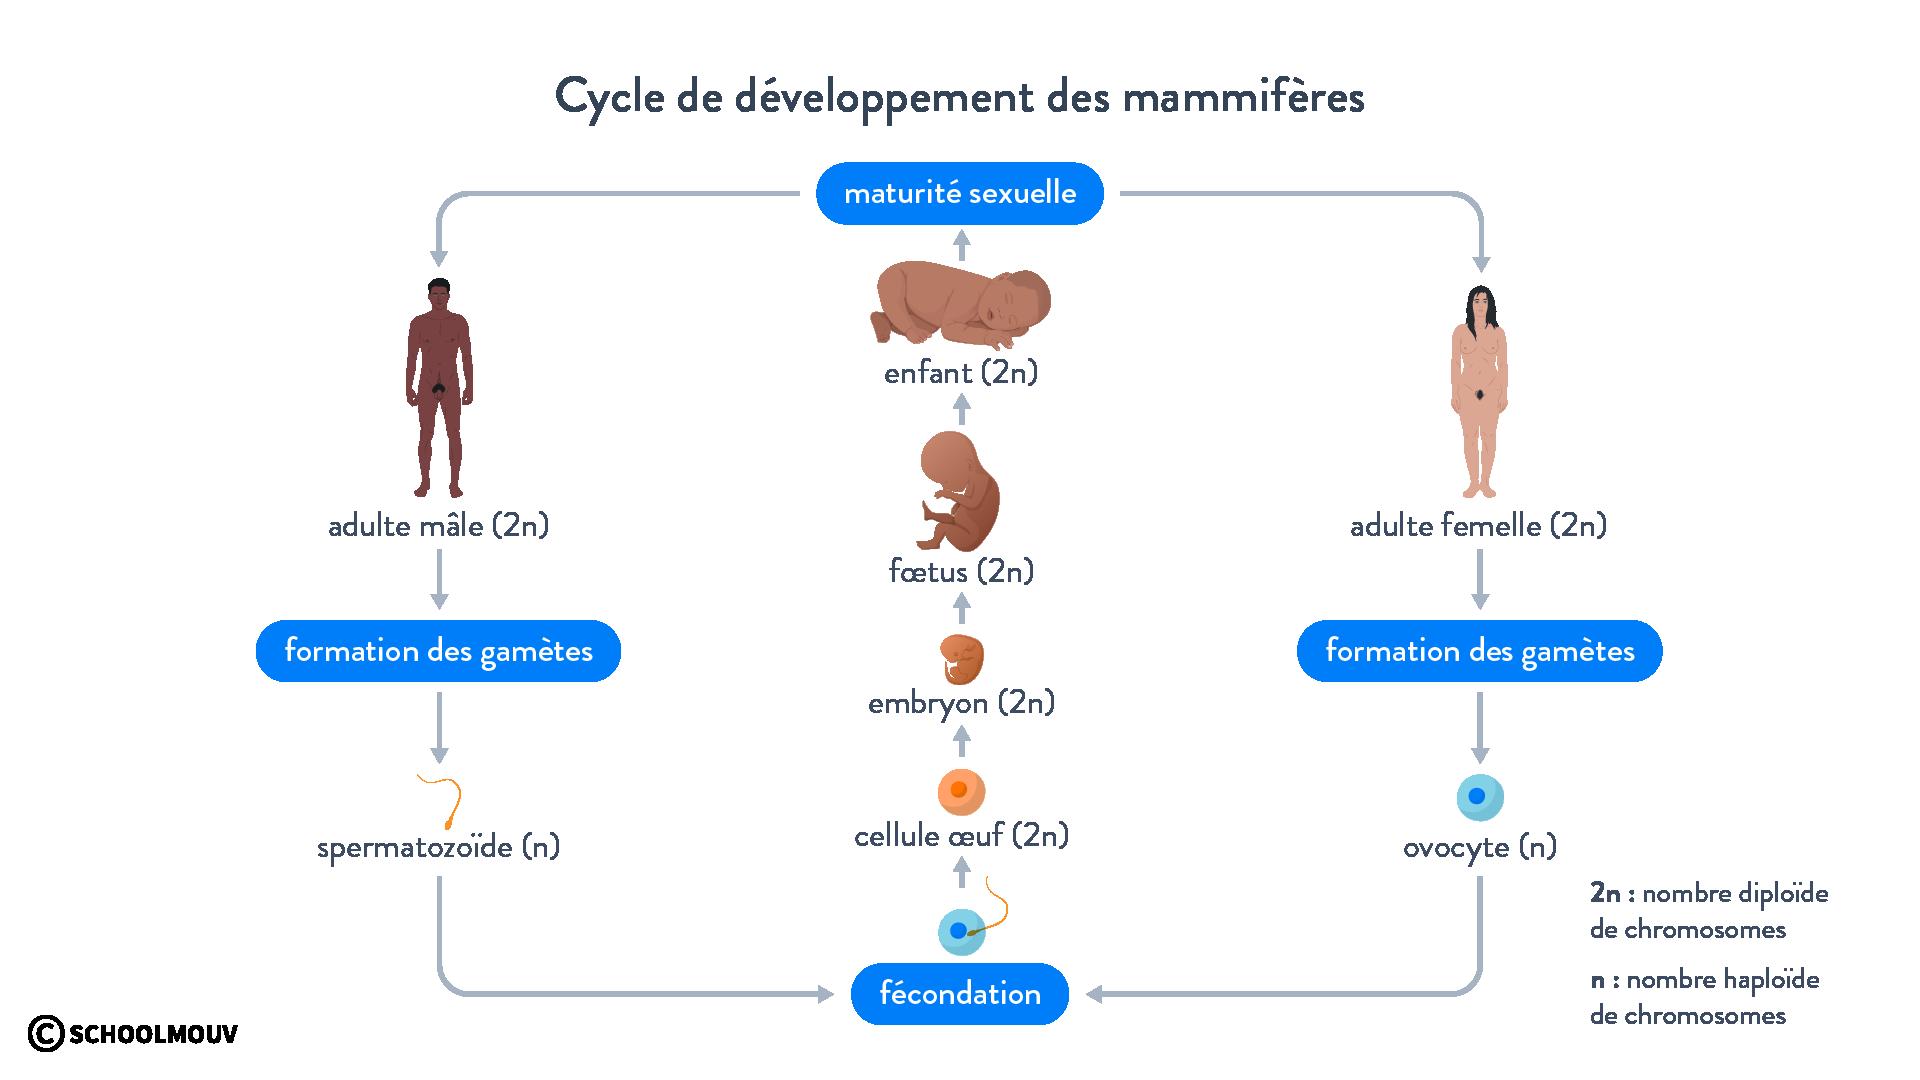 Cycle de développement des mammifères fécondation gamètes